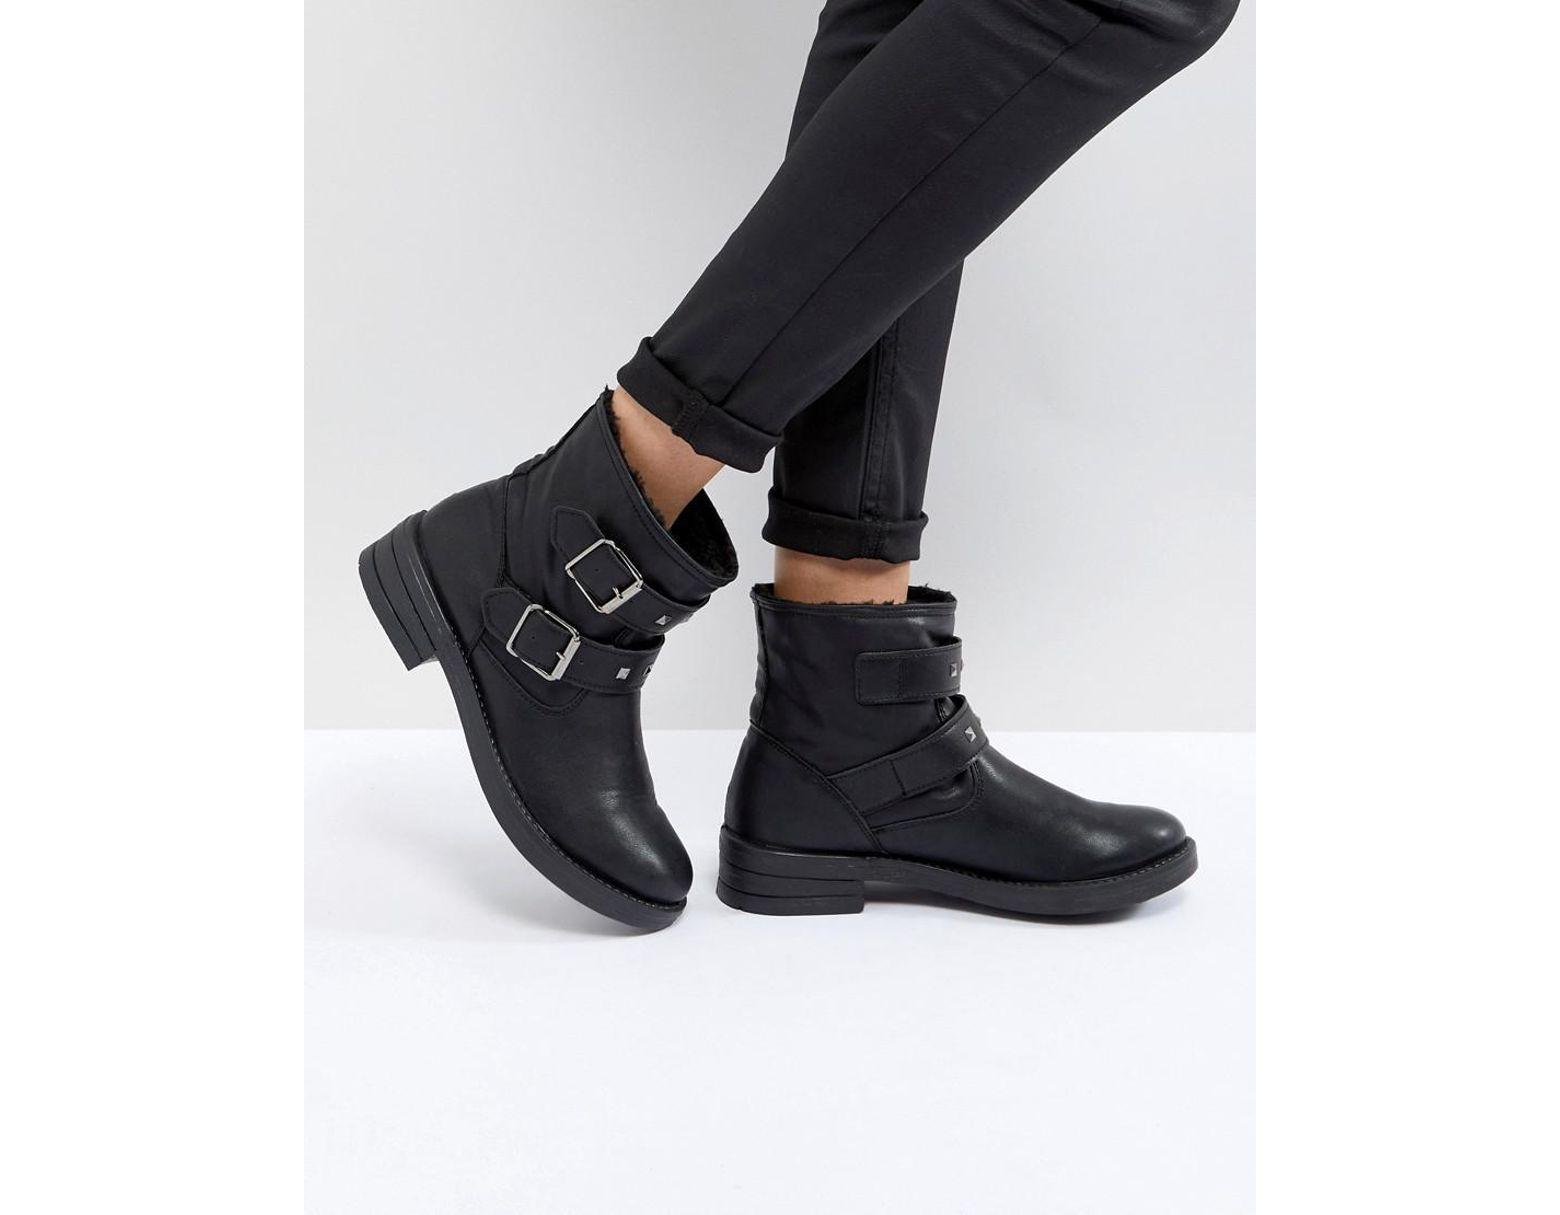 e3338324cbb Women's Black Accent Biker Ankle Boots